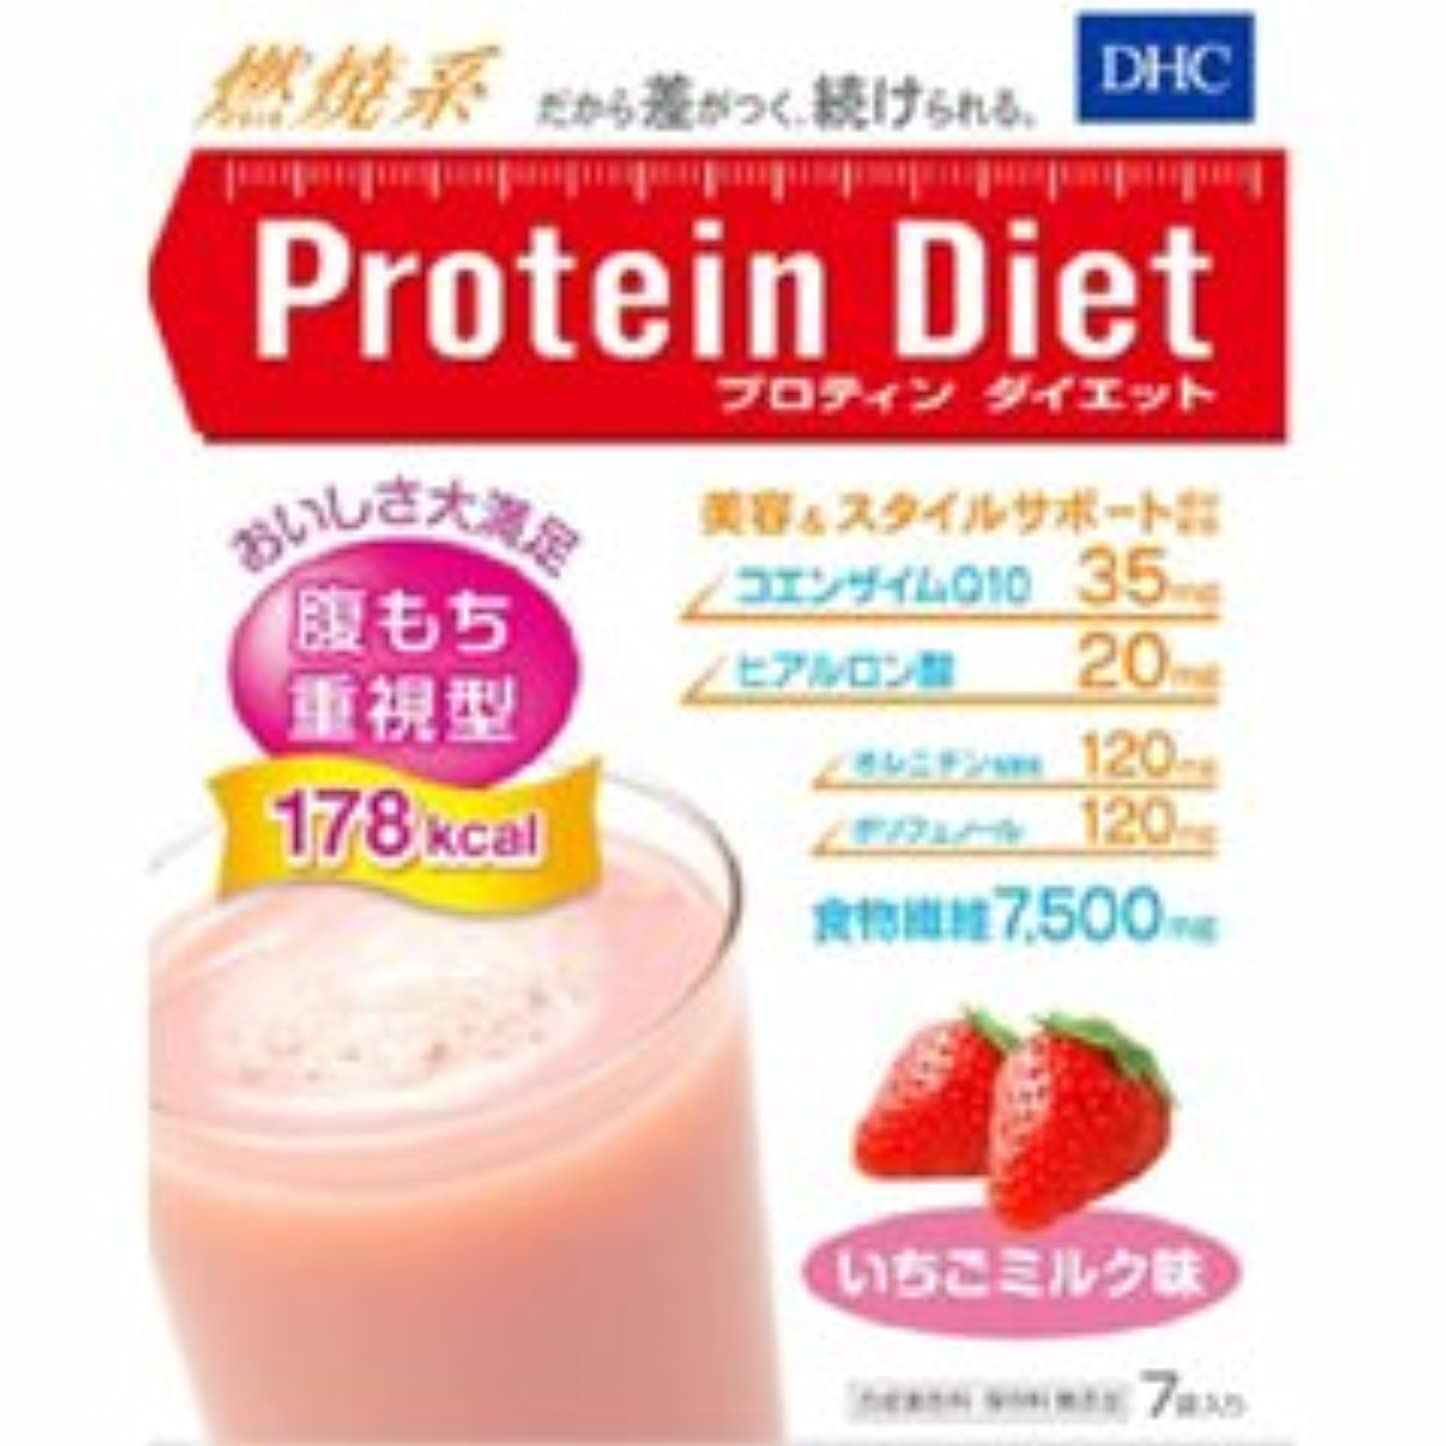 奇妙なのれんバドミントンDHCの健康食品 プロティンダイエット いちごミルク味 50g×7袋 【DHC】